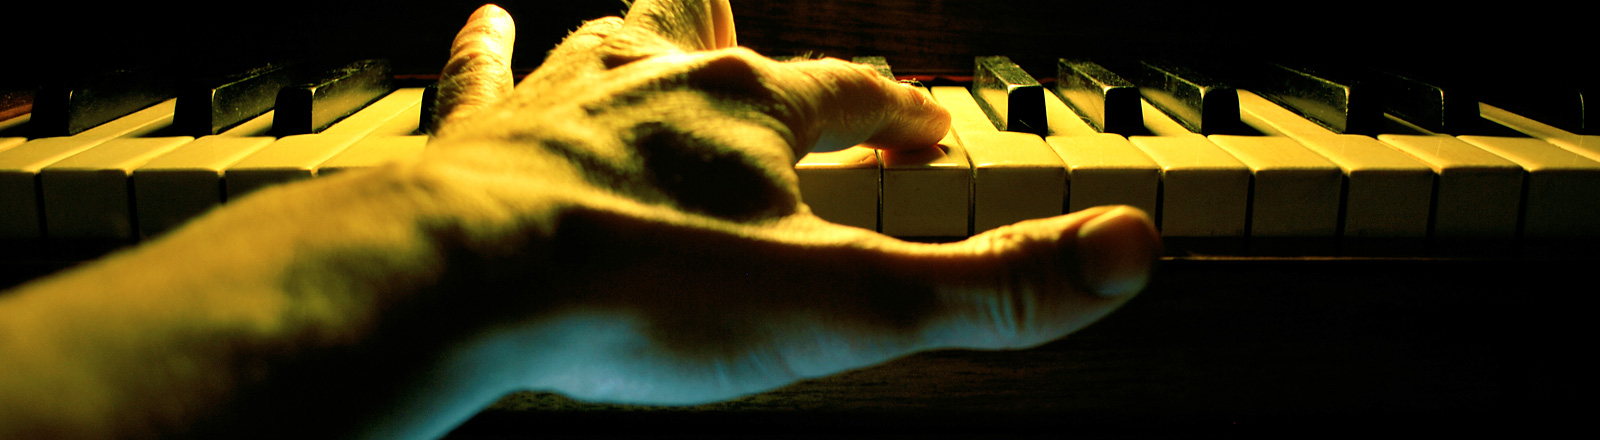 Eine klavierspielende Hand